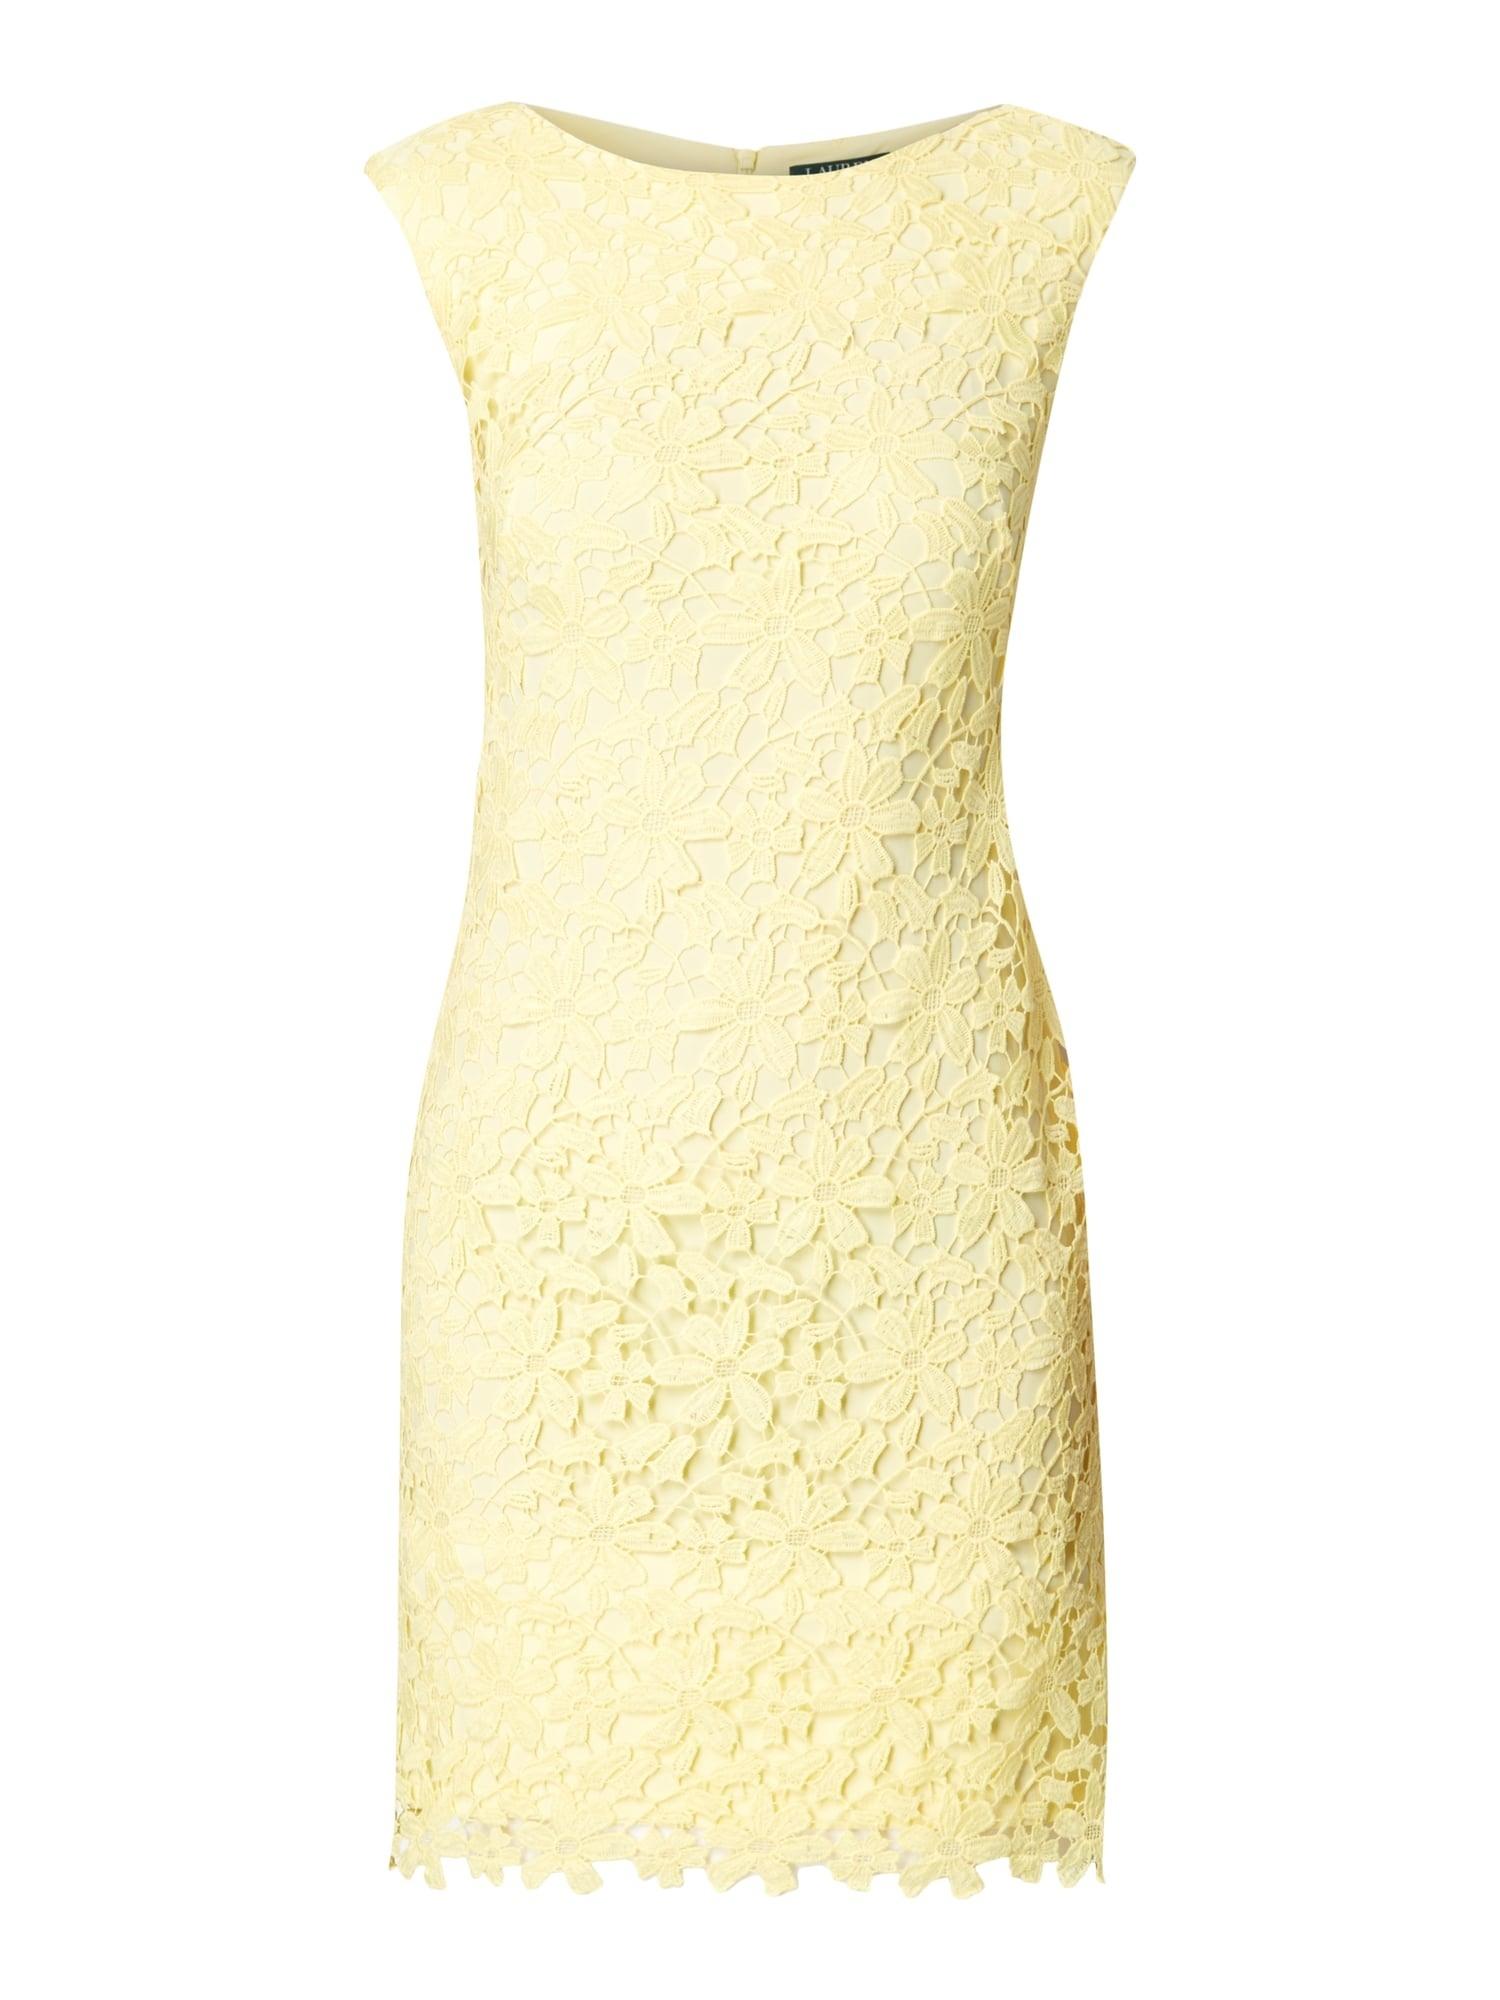 Formal Schön Kleid Gelb Spitze Galerie15 Perfekt Kleid Gelb Spitze Boutique